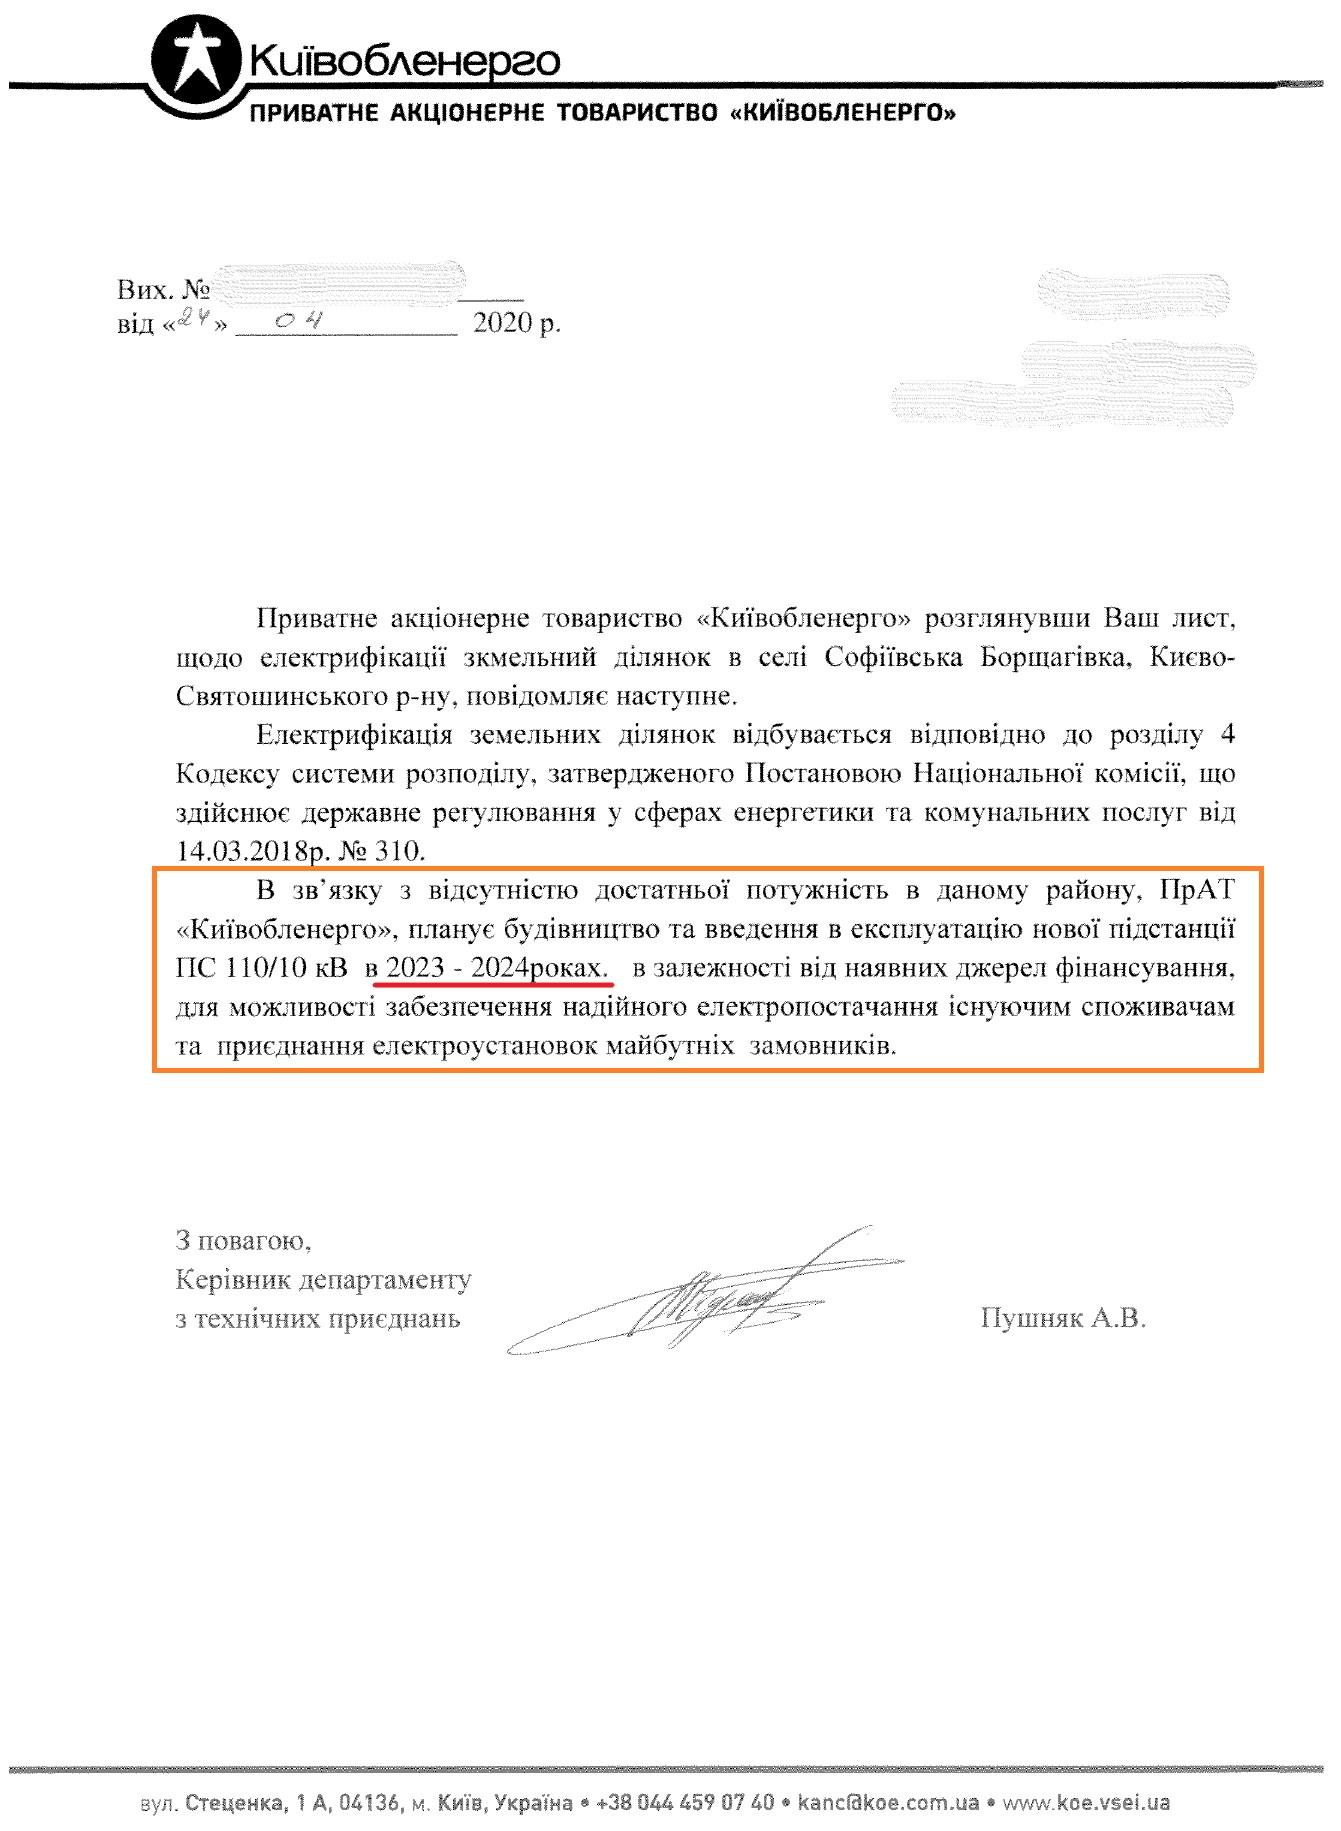 Нажмите на изображение для увеличения Название: Киевоблэнерго - ответ.jpg Просмотров: 25 Размер:314.8 Кб ID:690731